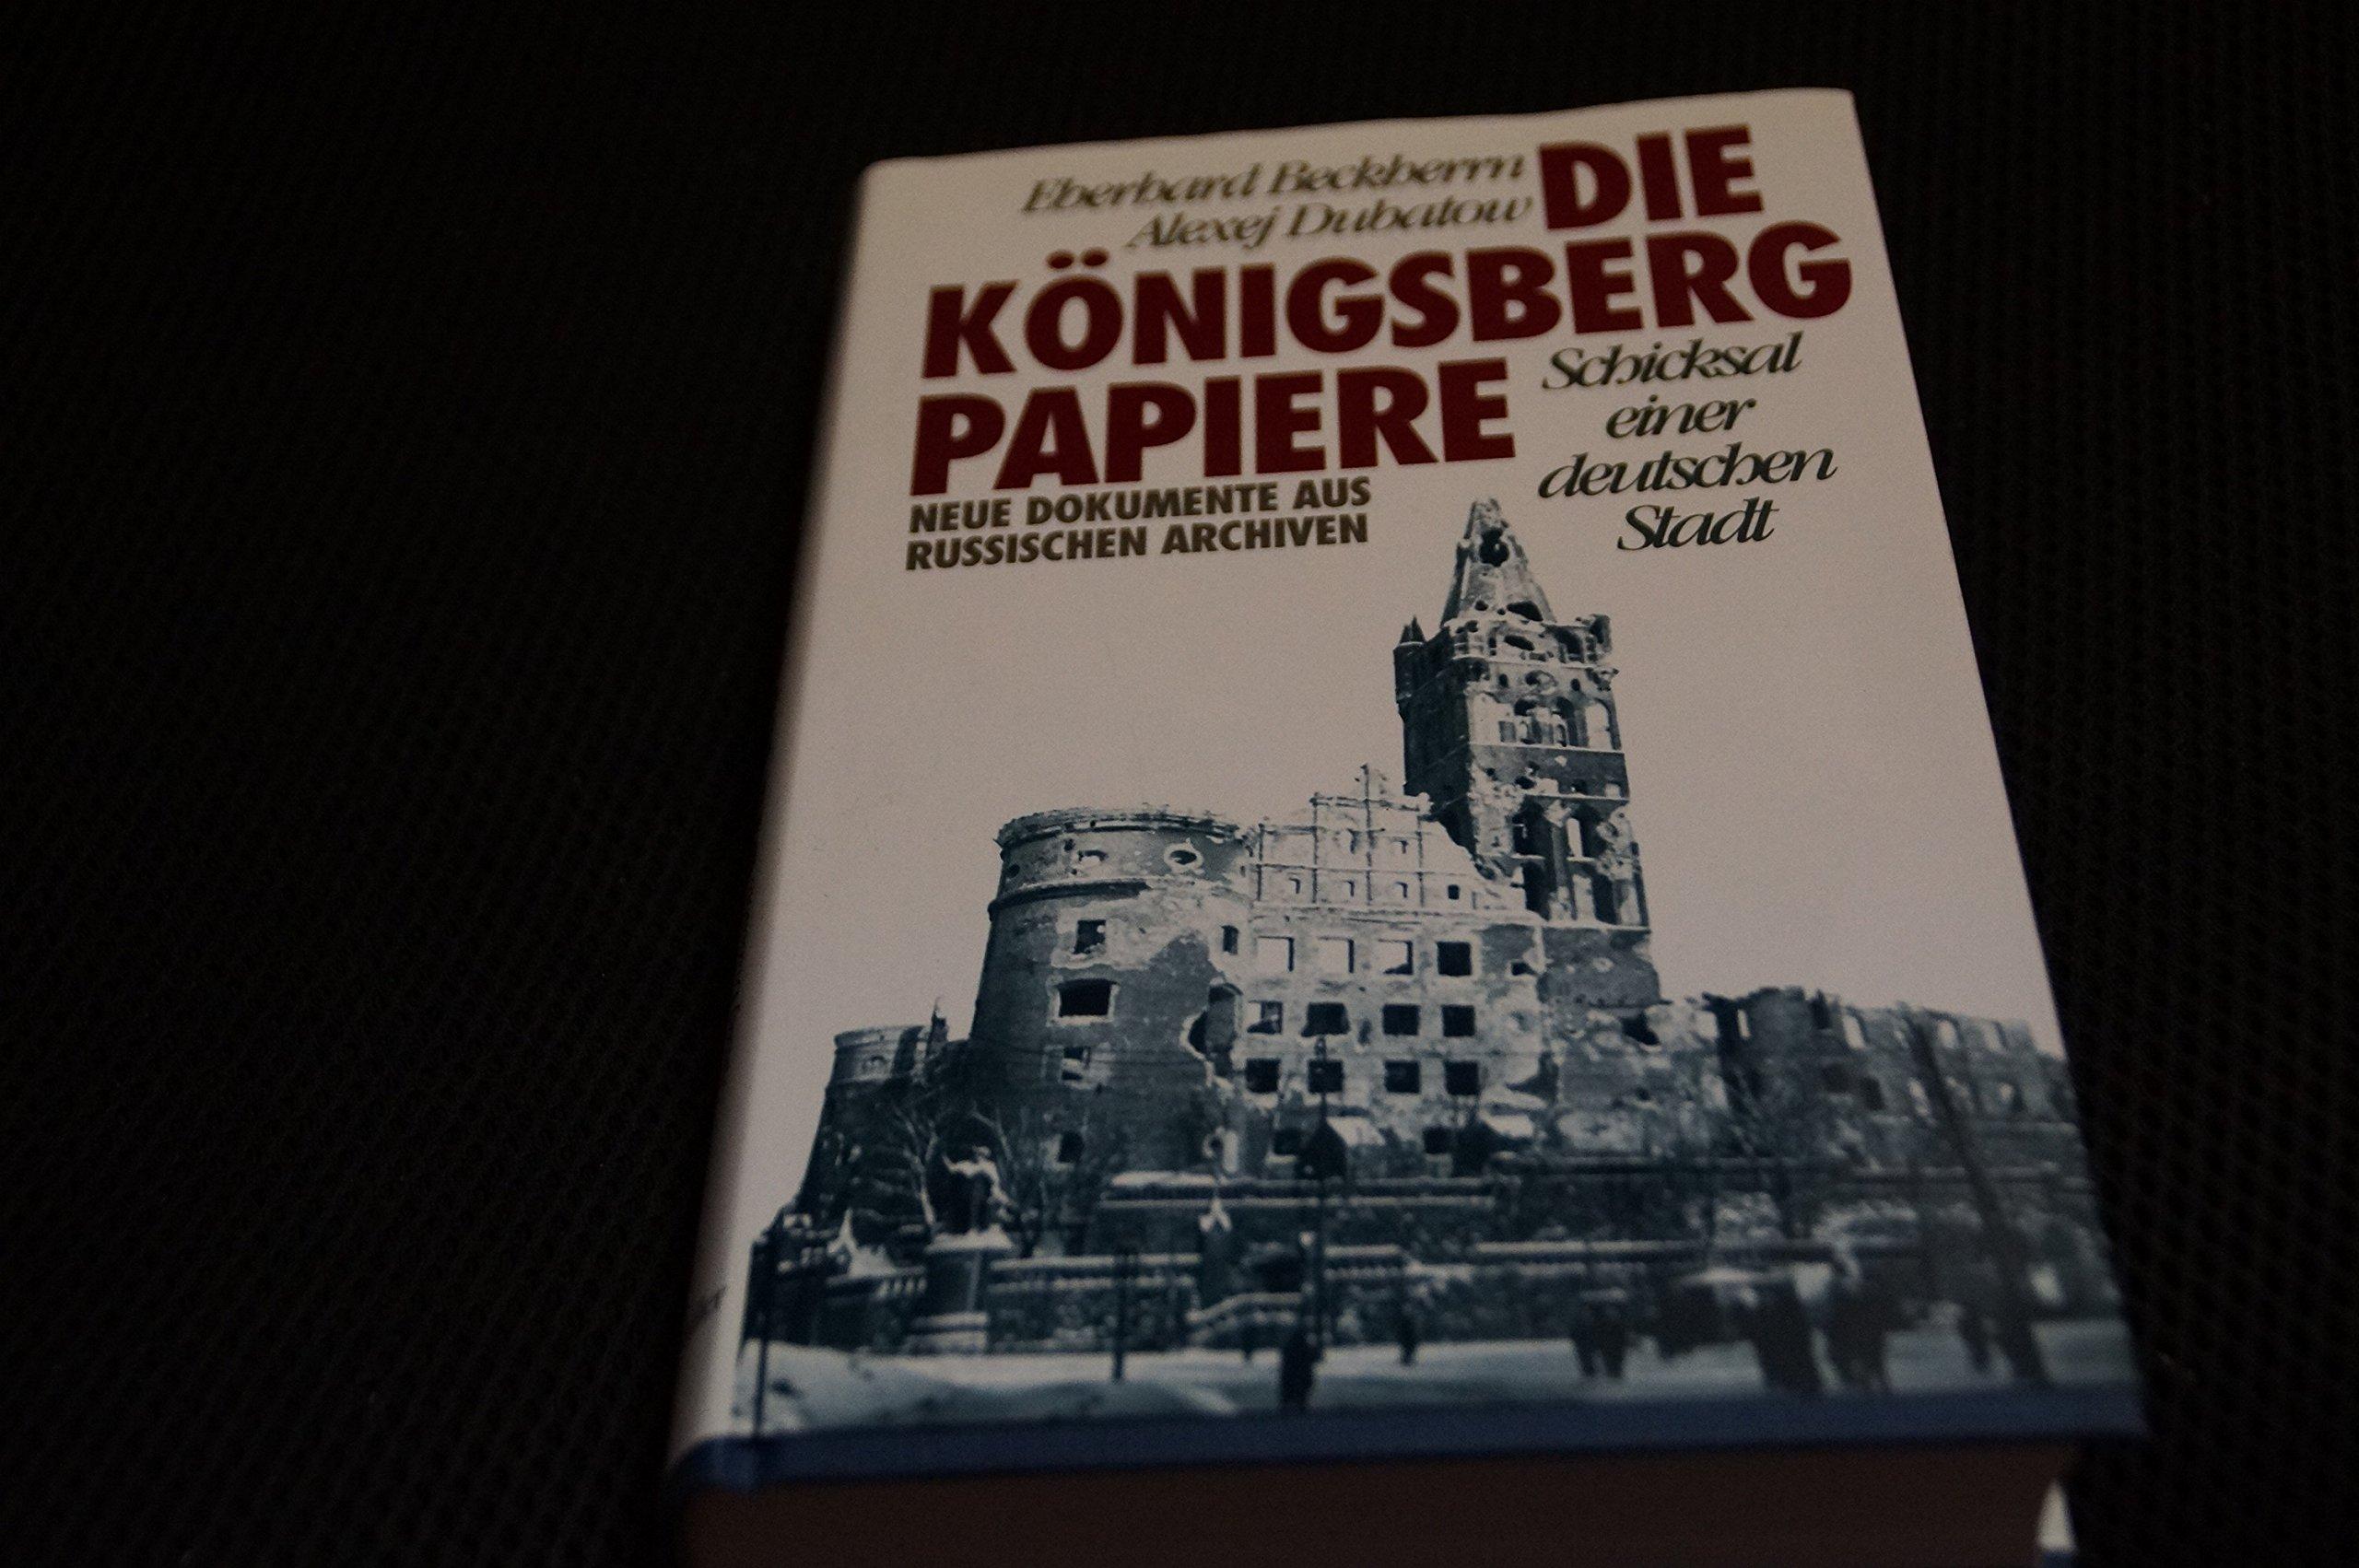 Die Königsberg-Papiere: Schicksal einer deutschen Stadt - Neue Dokumente aus russischen Archiven